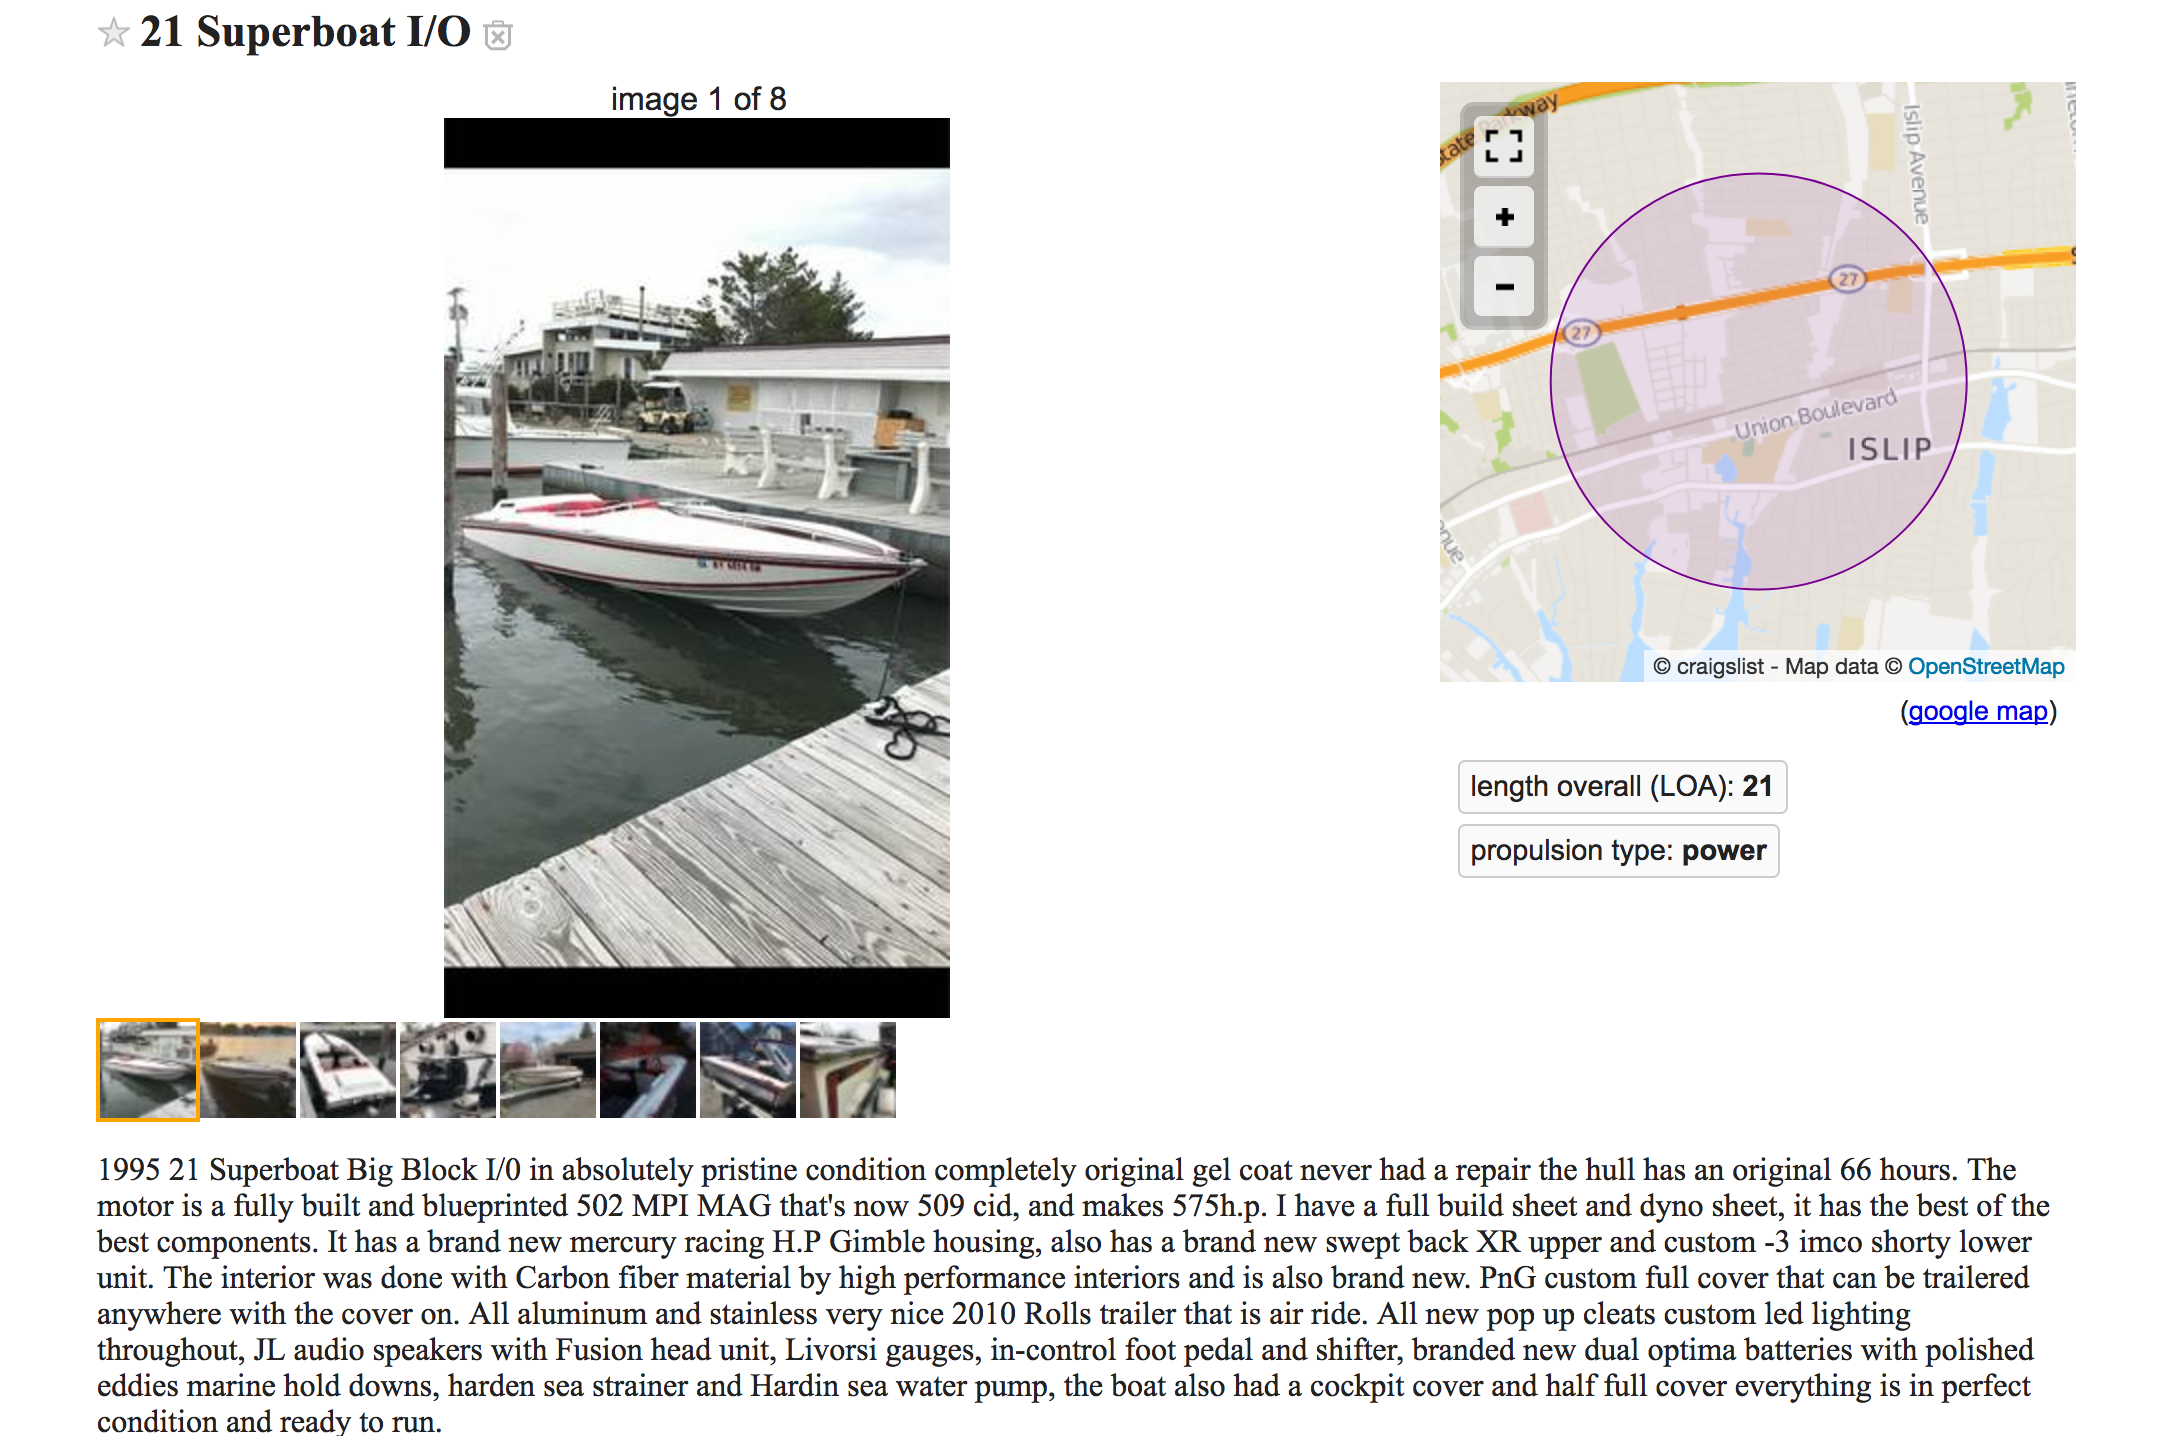 21 Superboat sterndrive